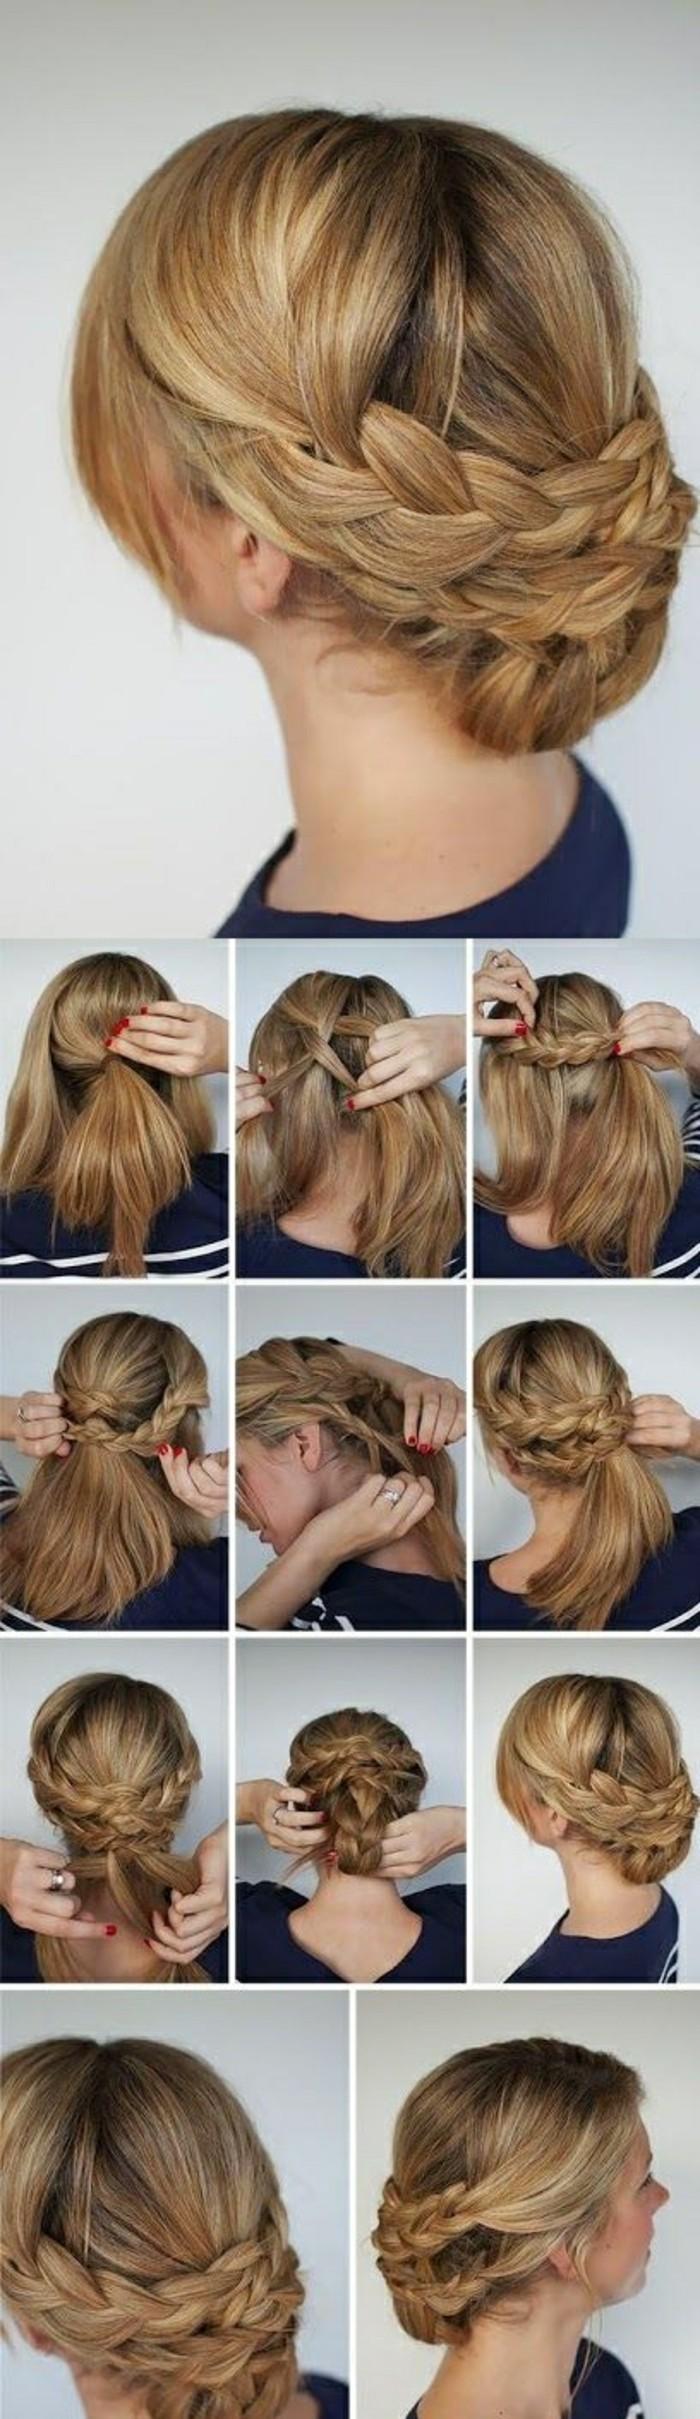 6-frisuren-zum-selber-machen-lange-blonde-haare-dunkelblaue-bluse-frau-diy-hochsteck-zopf